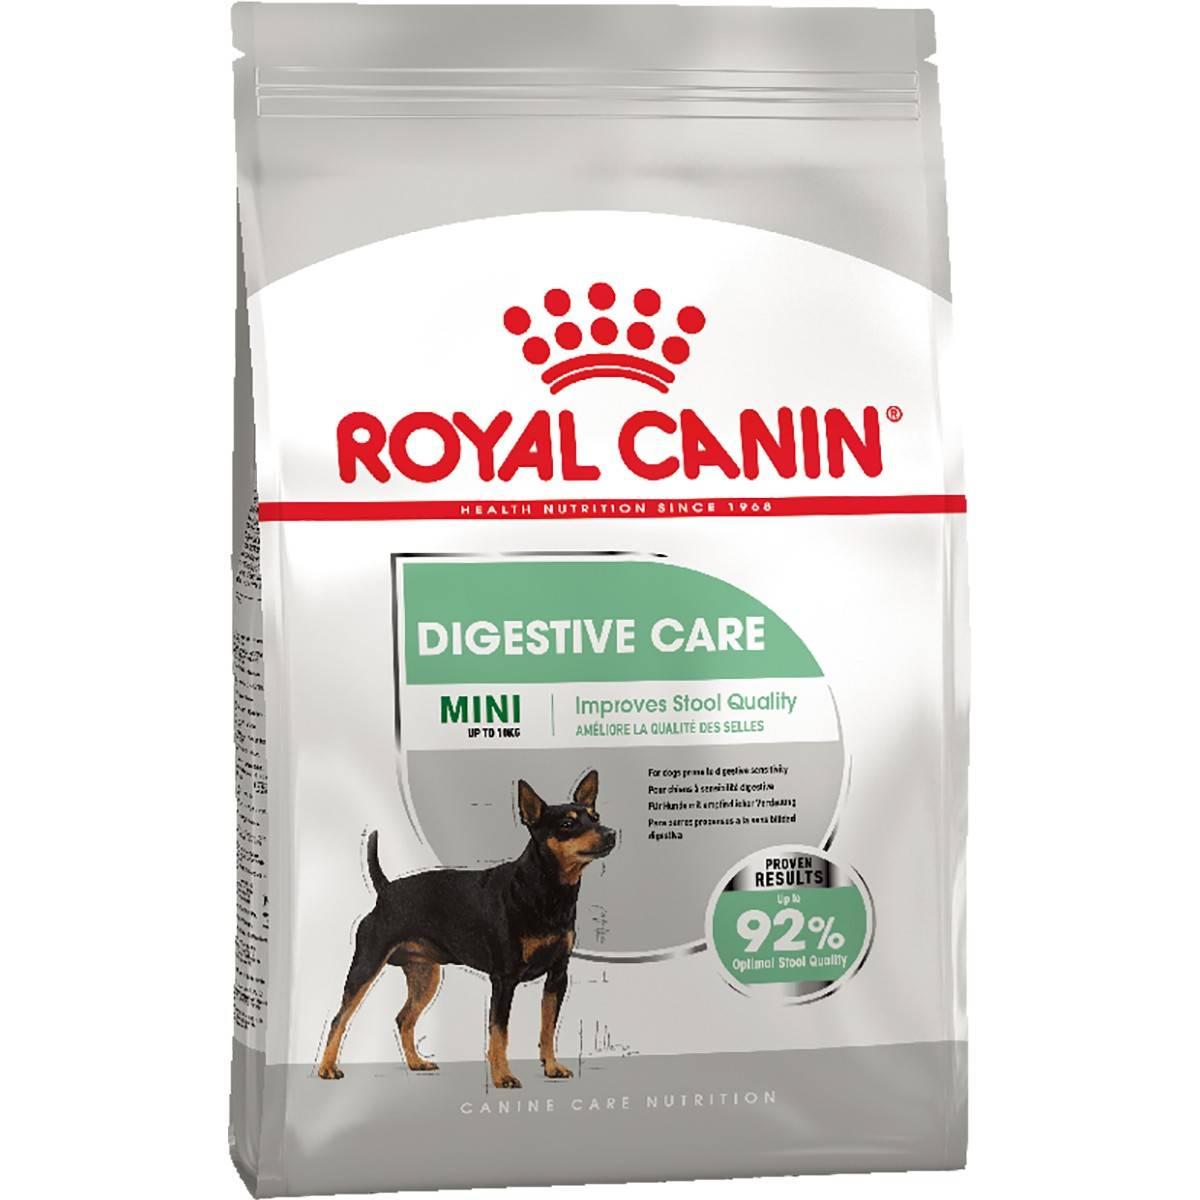 ROYAL CANIN MINI DIGESTIVE CARE – сухой корм для собак мелких пород с чувствительным пищеварением